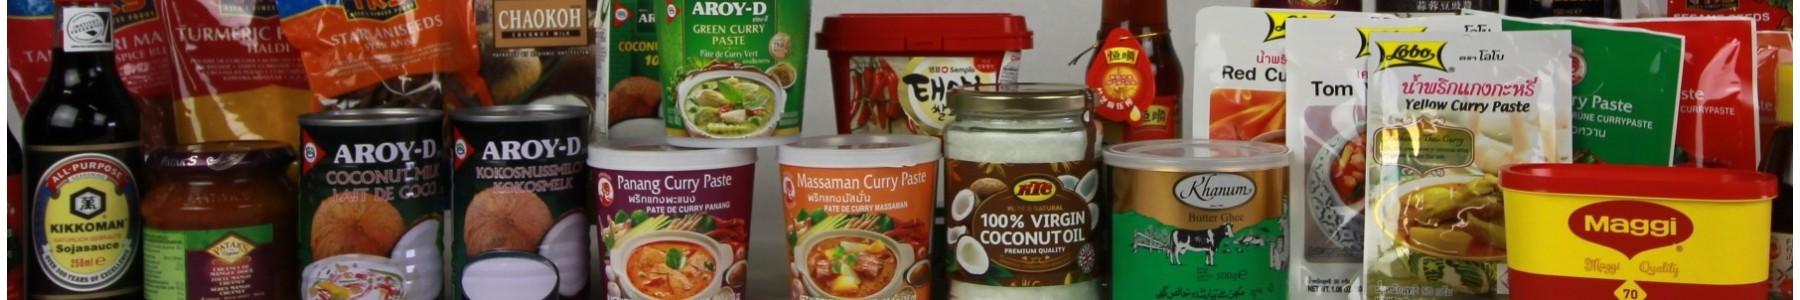 Gewürze, Saucen, Essig & Öl, Gewürzpasten und Kokosnuss